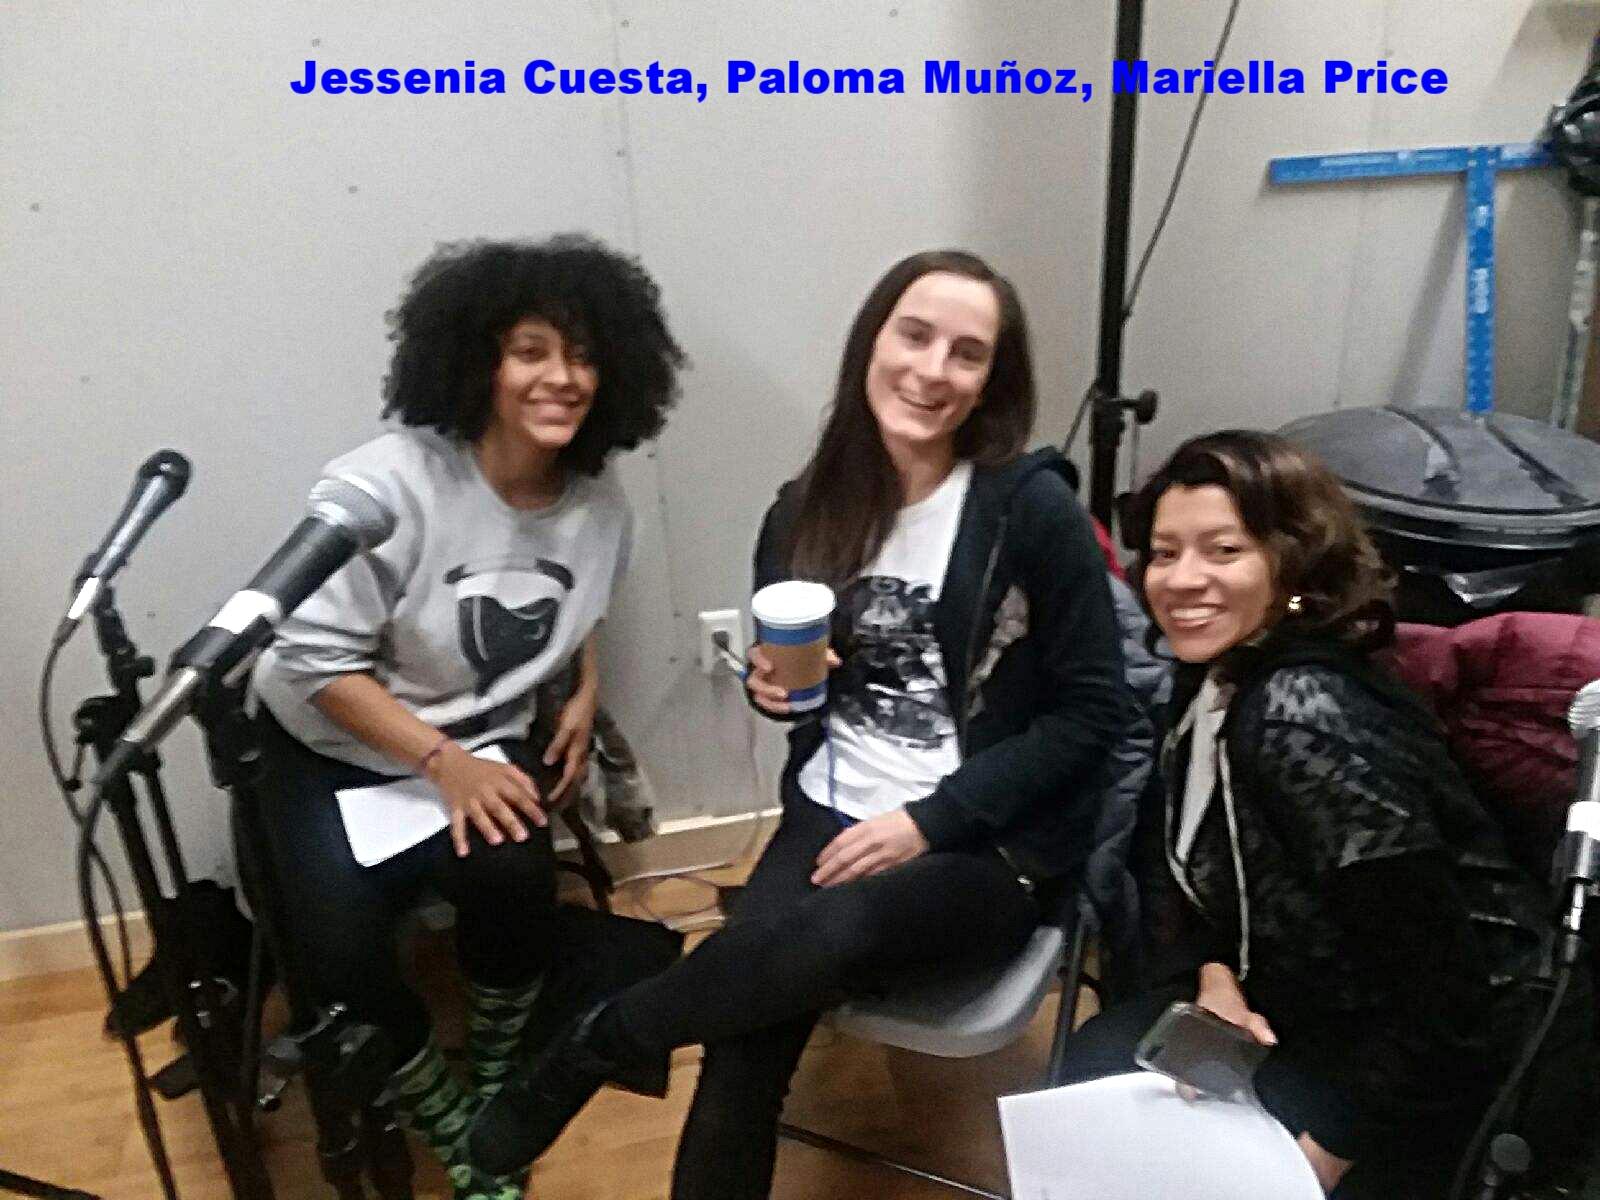 Paloma Mariella Jessenia spanglish.jpg